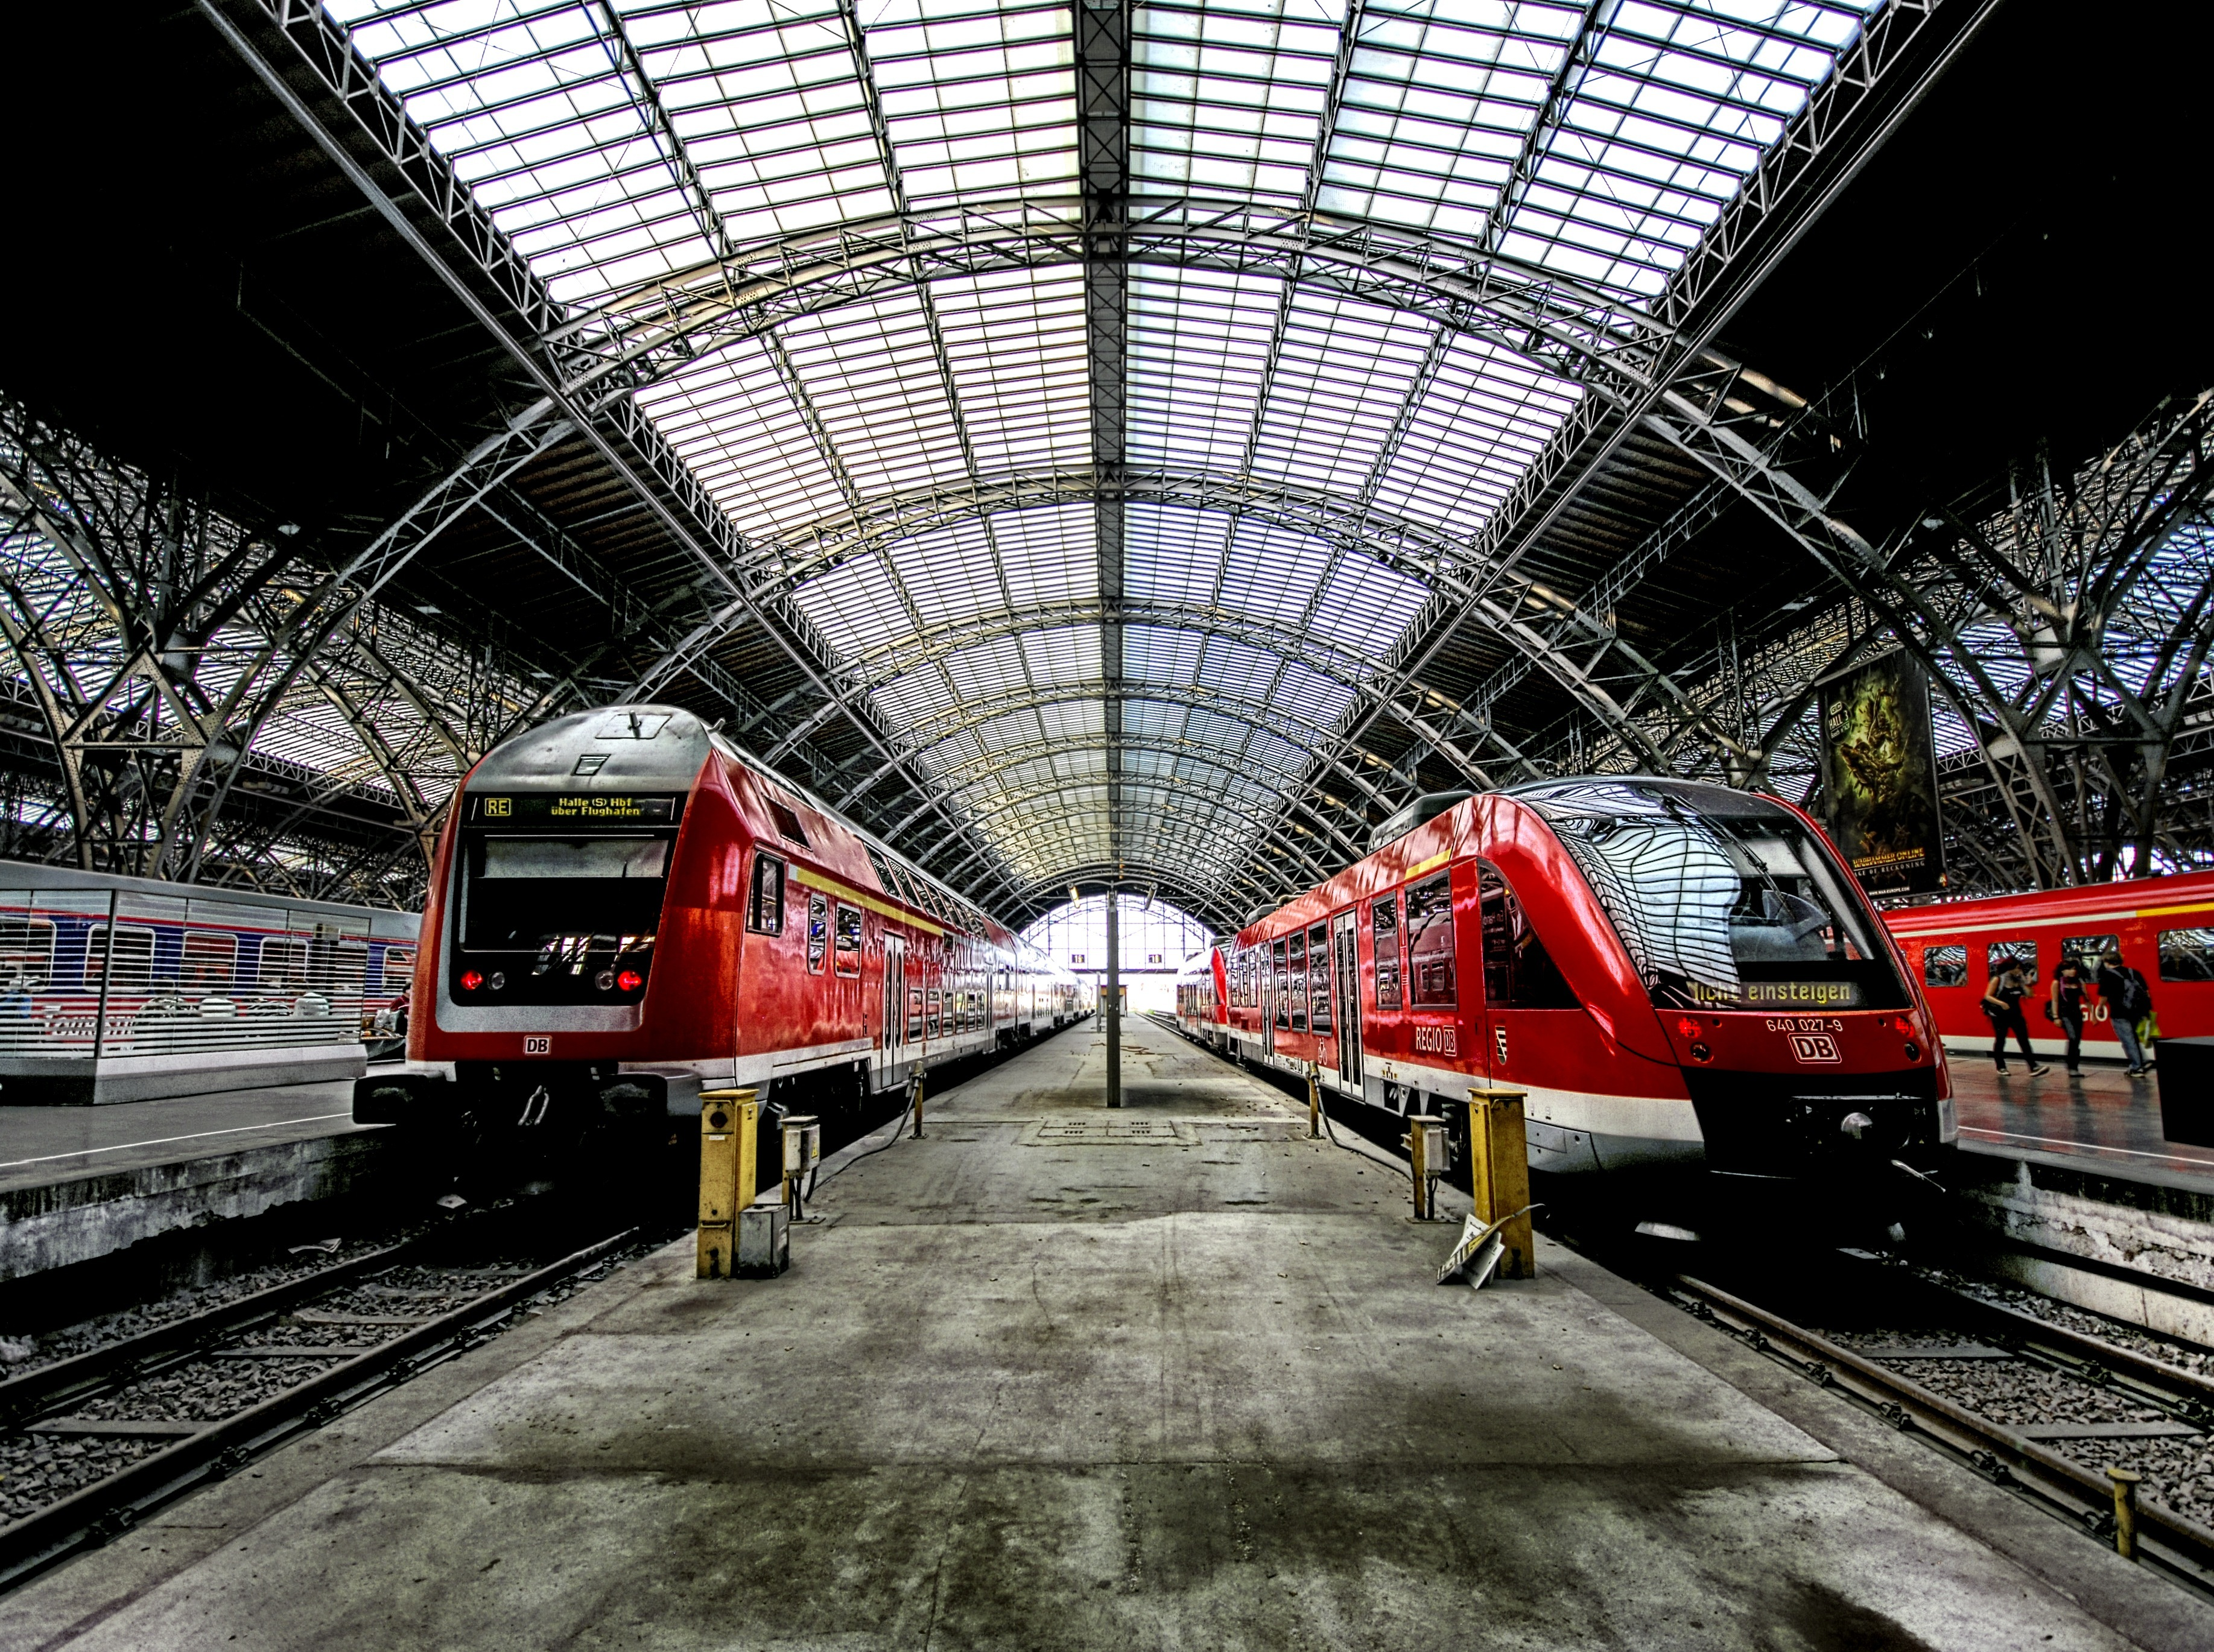 поезд на станции картинки второй